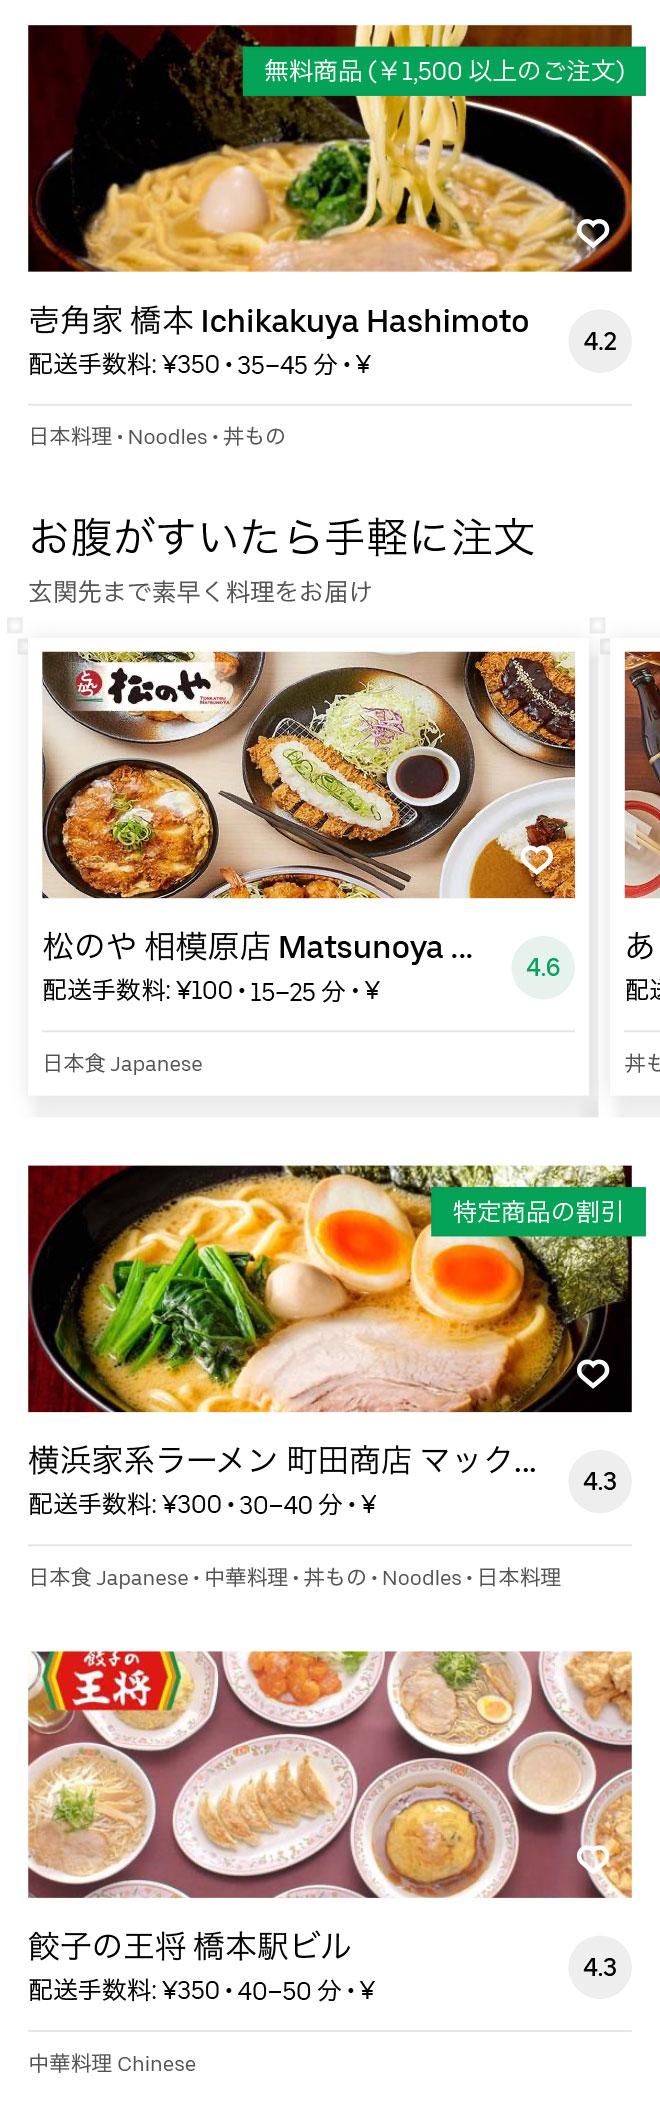 Sagamihara menu 2008 03